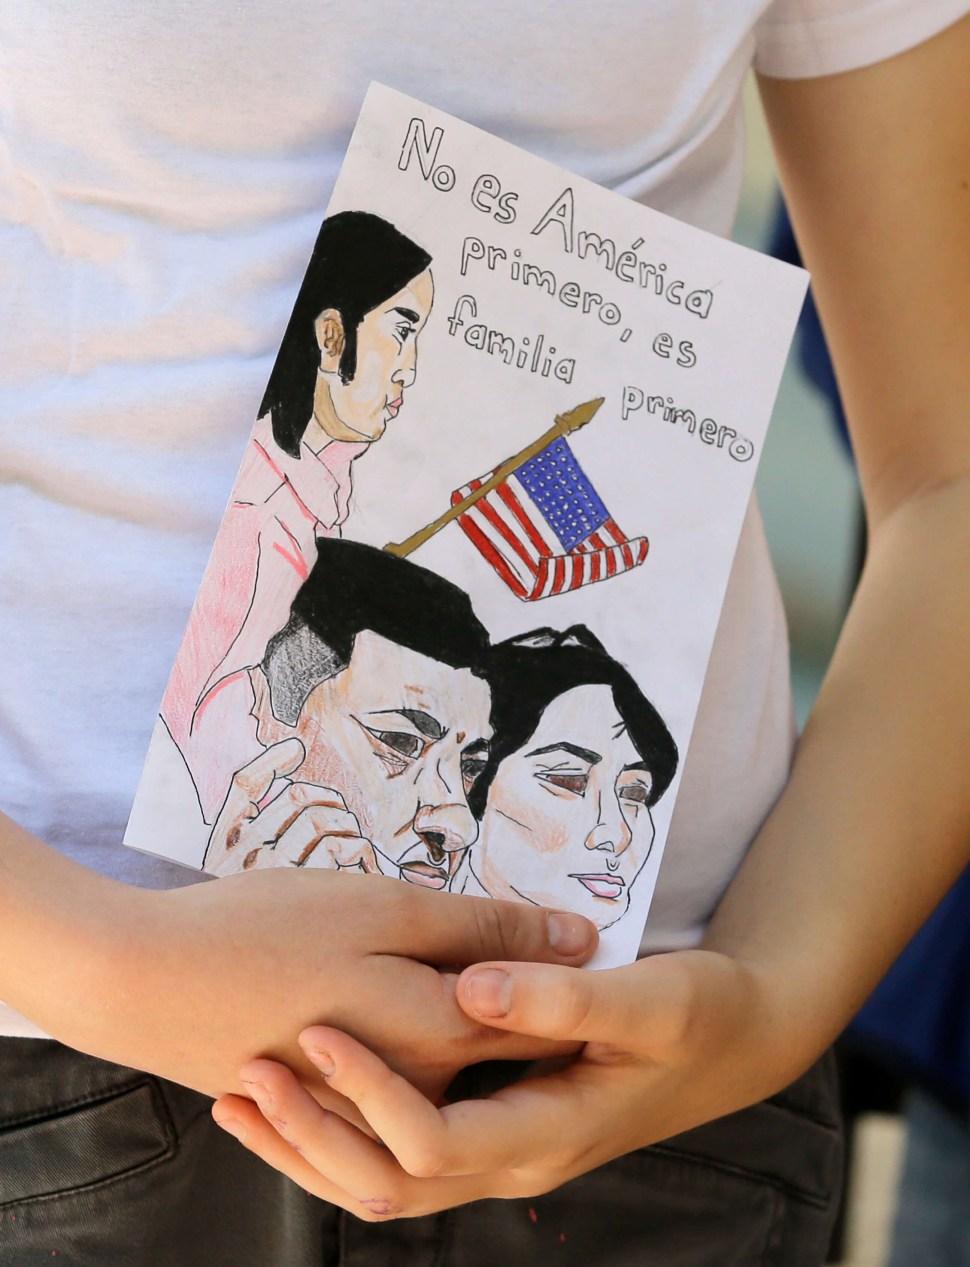 Tarjeta que pide evitar deportaciones en Estados Unidos (AP)